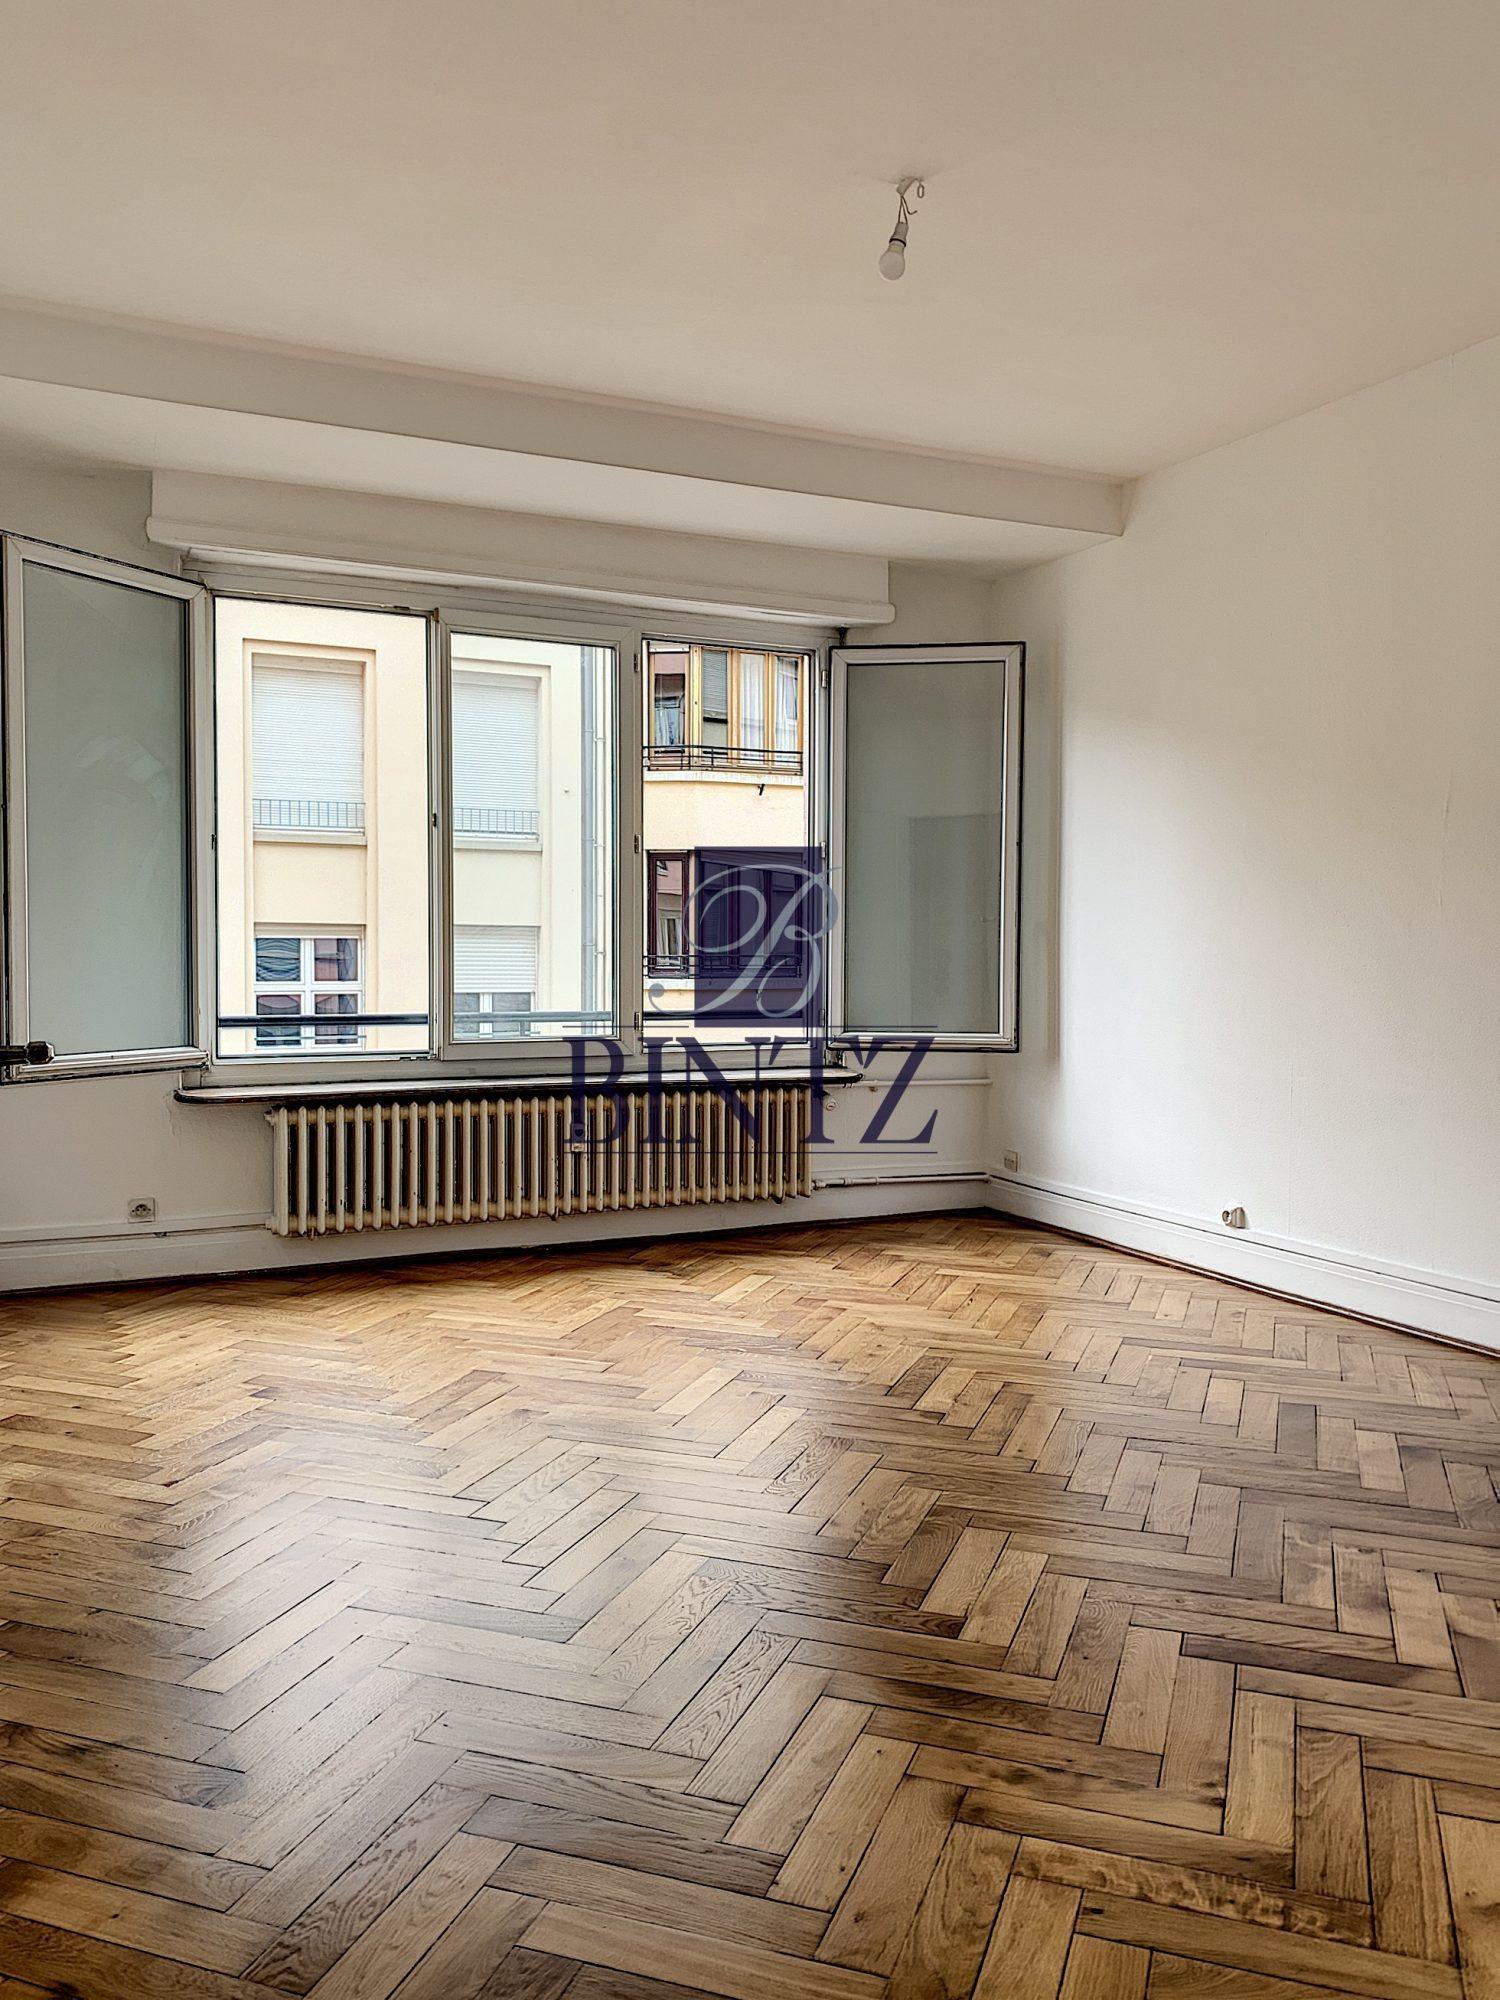 T1 AVEC BALCON KRUTENAU - Devenez locataire en toute sérénité - Bintz Immobilier - 4